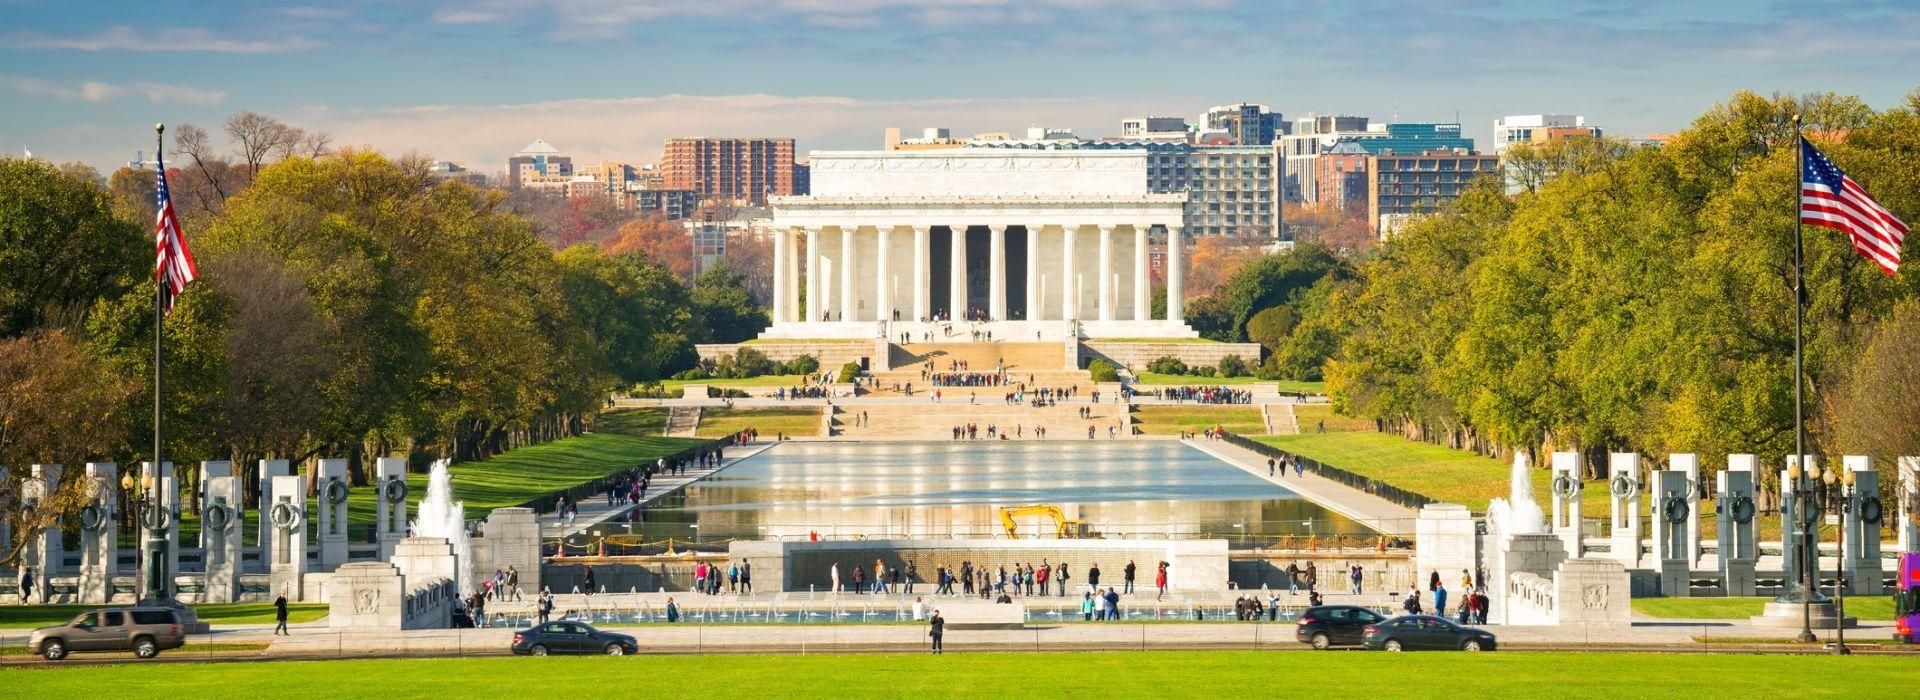 Walking tours in Washington D.C.